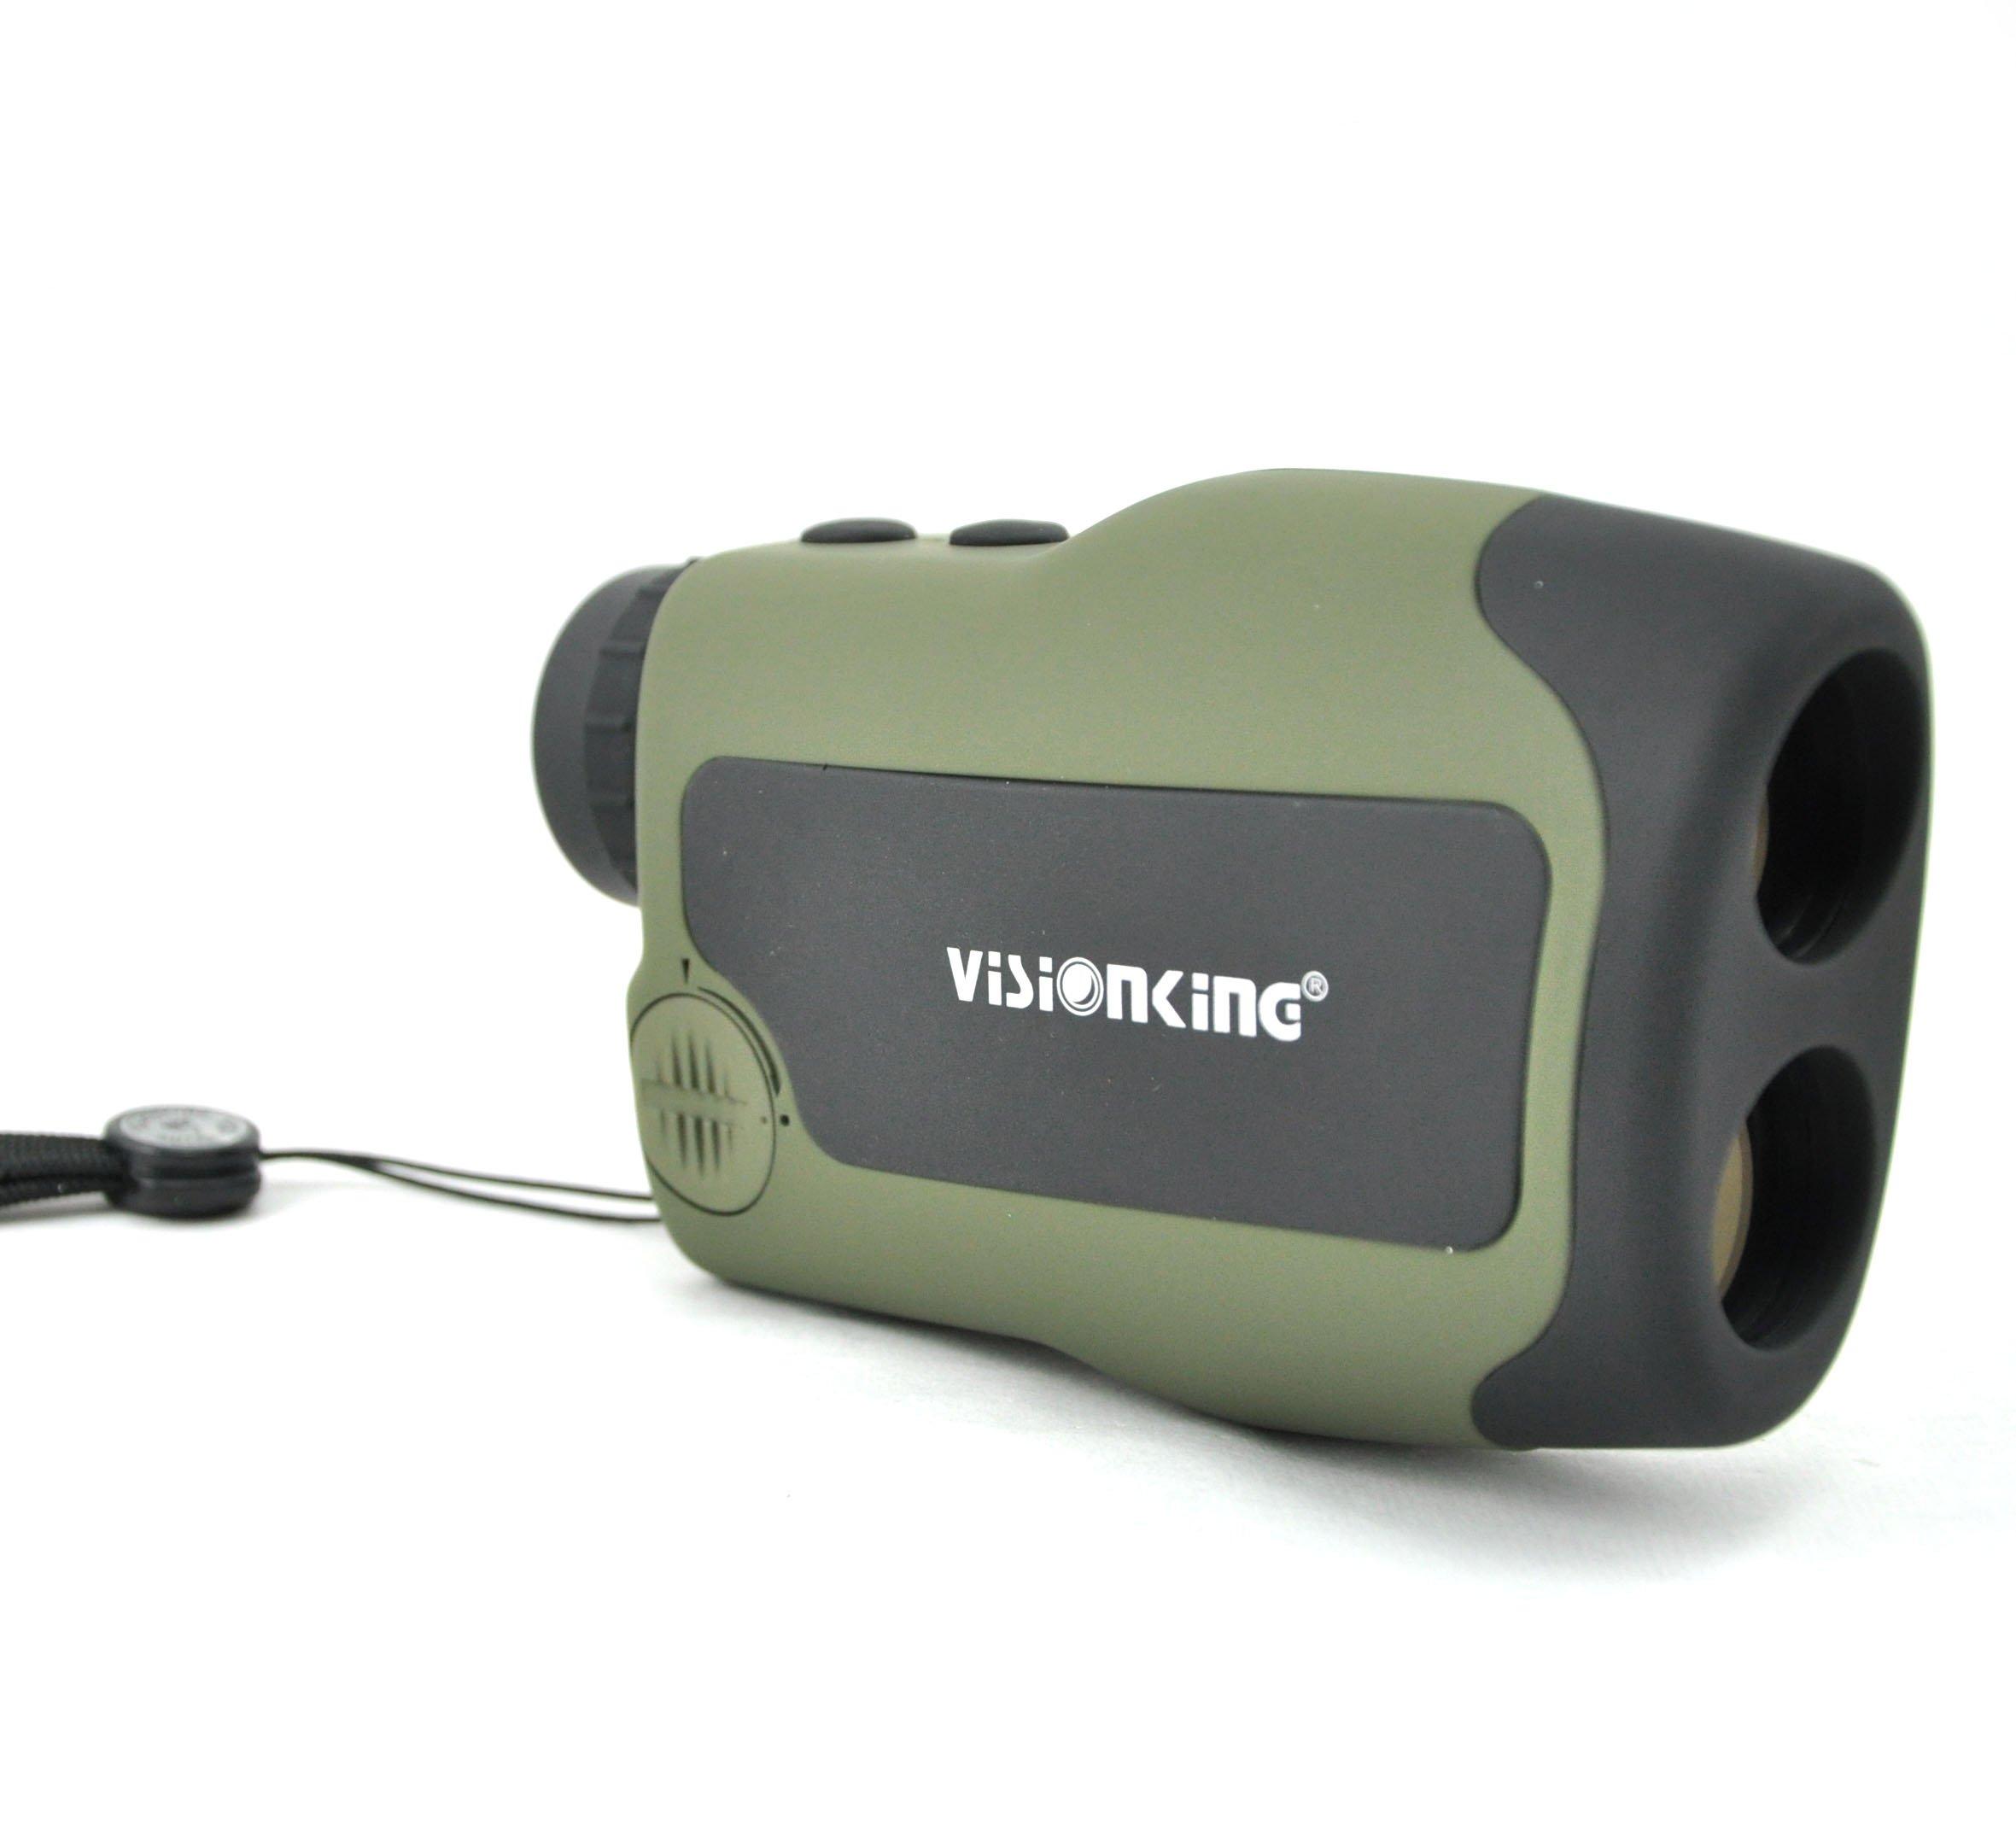 Visionking Range Finder 6x25 Hunting Rangefinder for Golf 600 yards